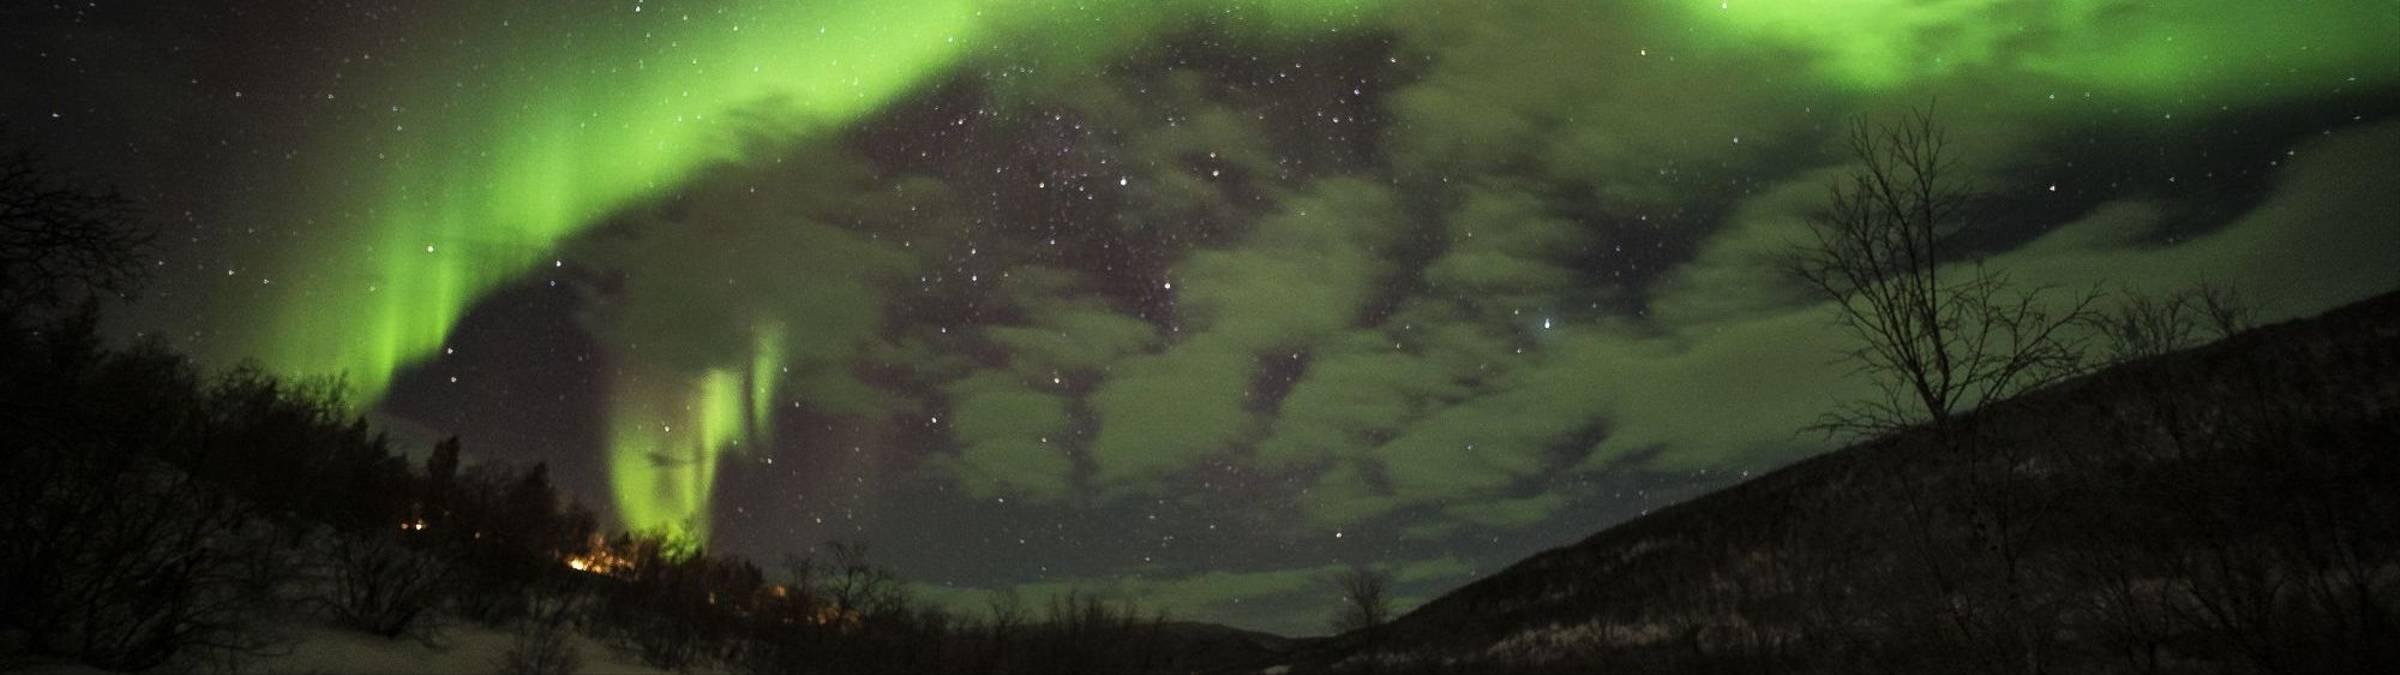 2016, Credit:: Klaus-Peter Kappest, February, Holiday Village Valle, Northern Lights, Utsjoki